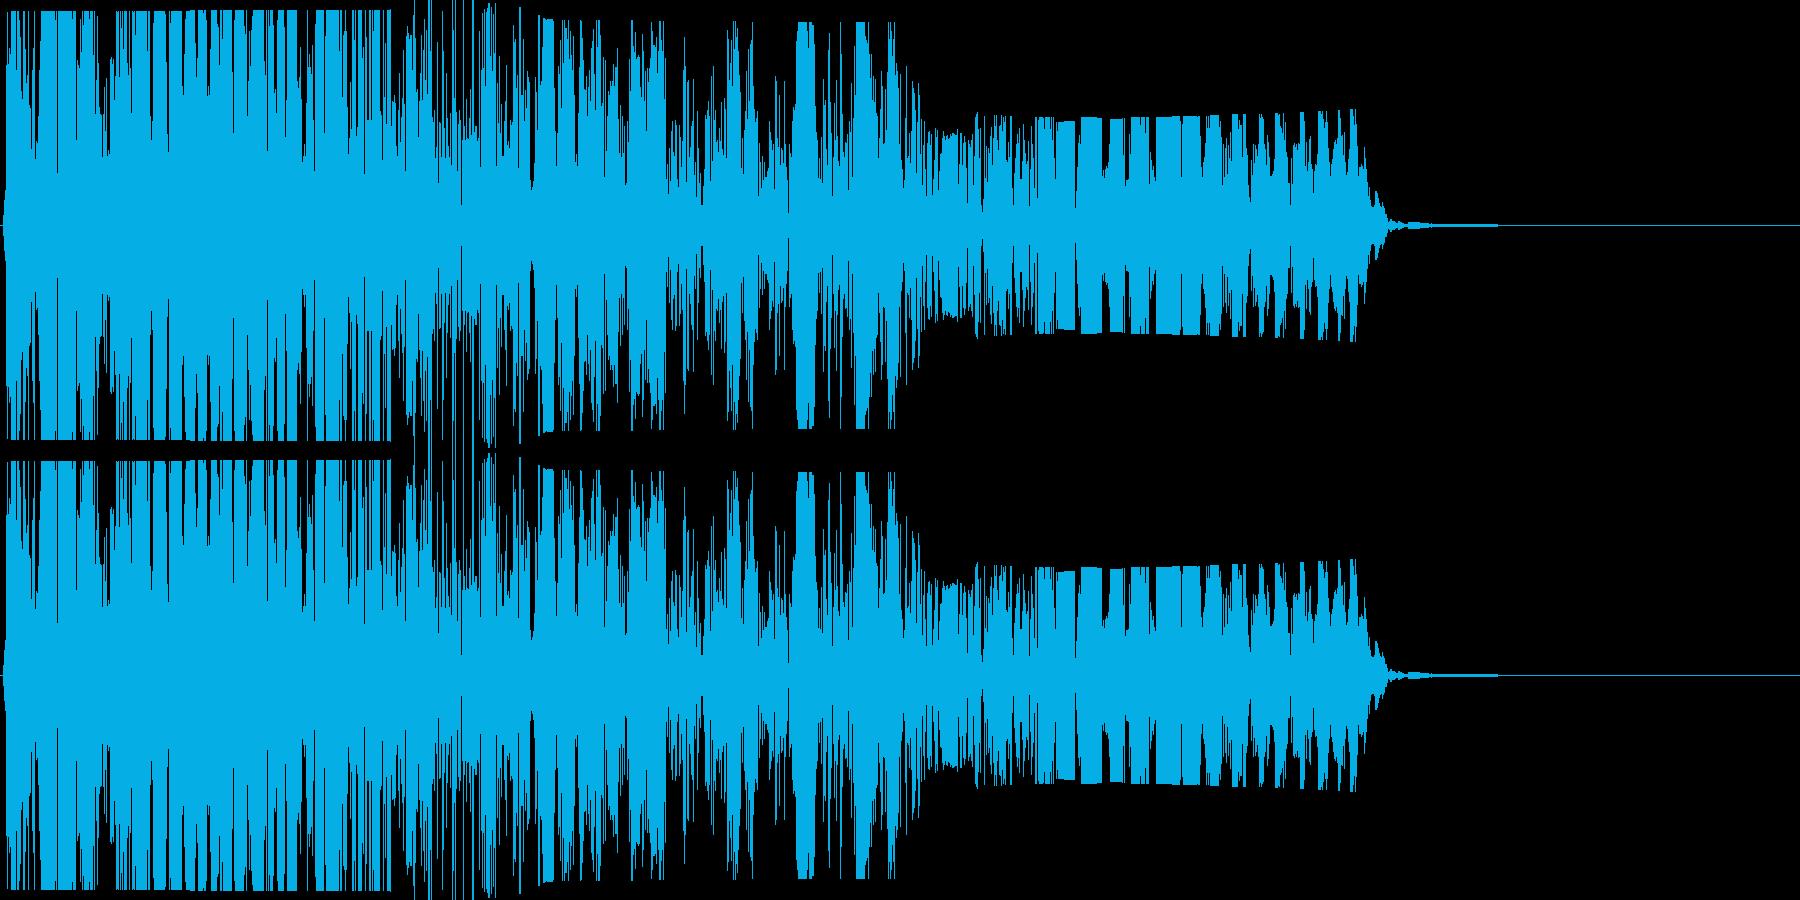 ズバッと斬る_02(刀・刺す・斬撃系)の再生済みの波形